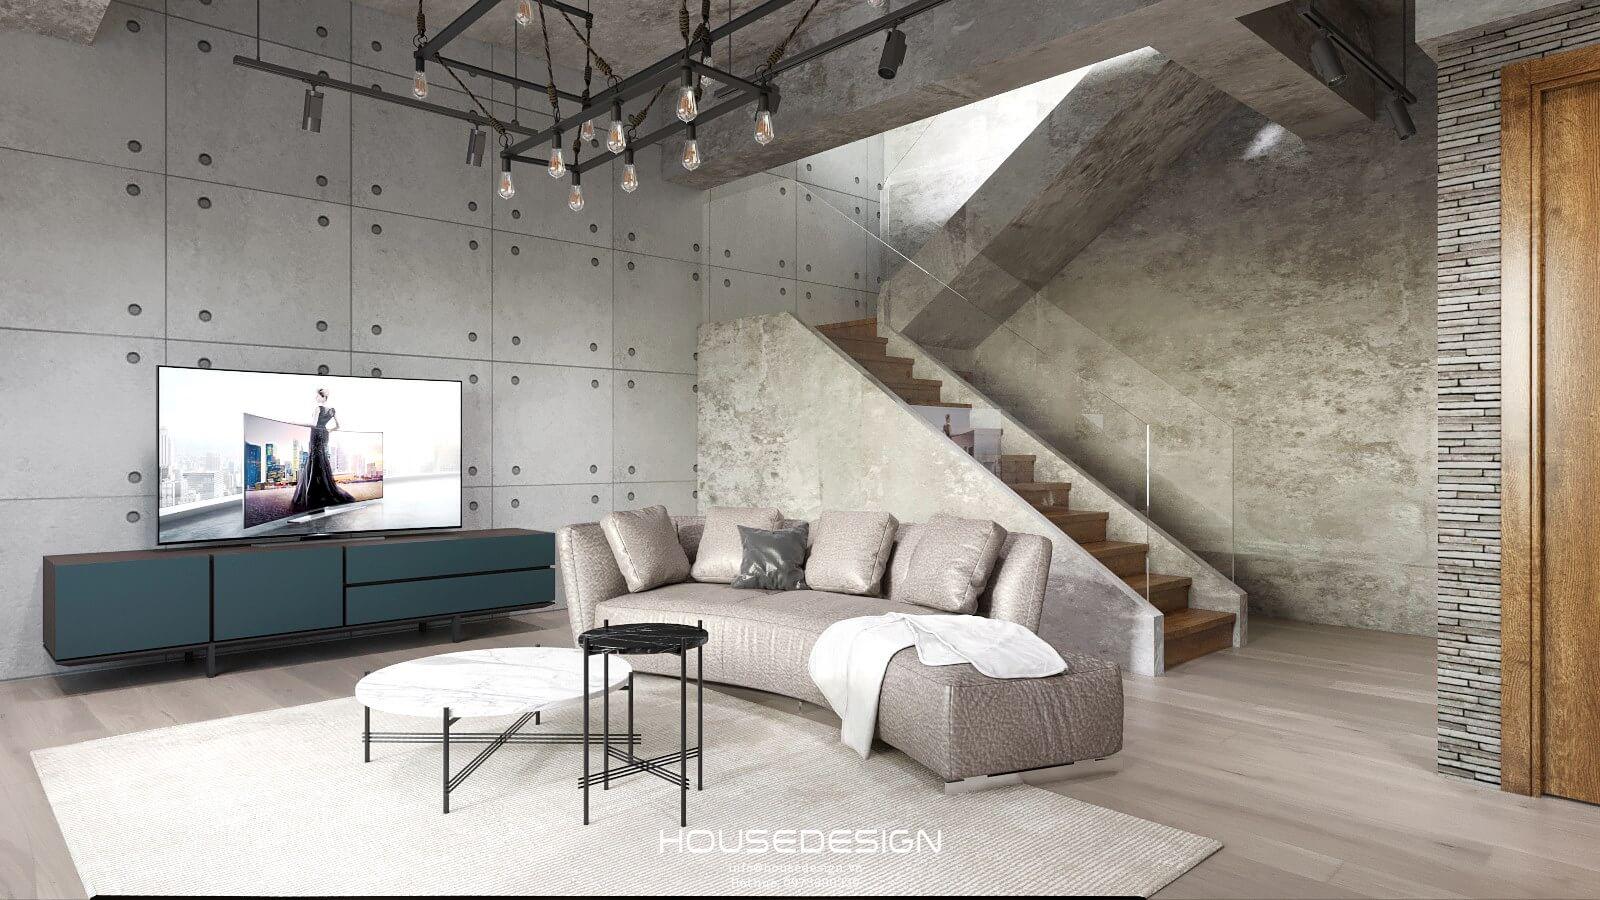 tìm hiểu phong cách nội thất hiện đại